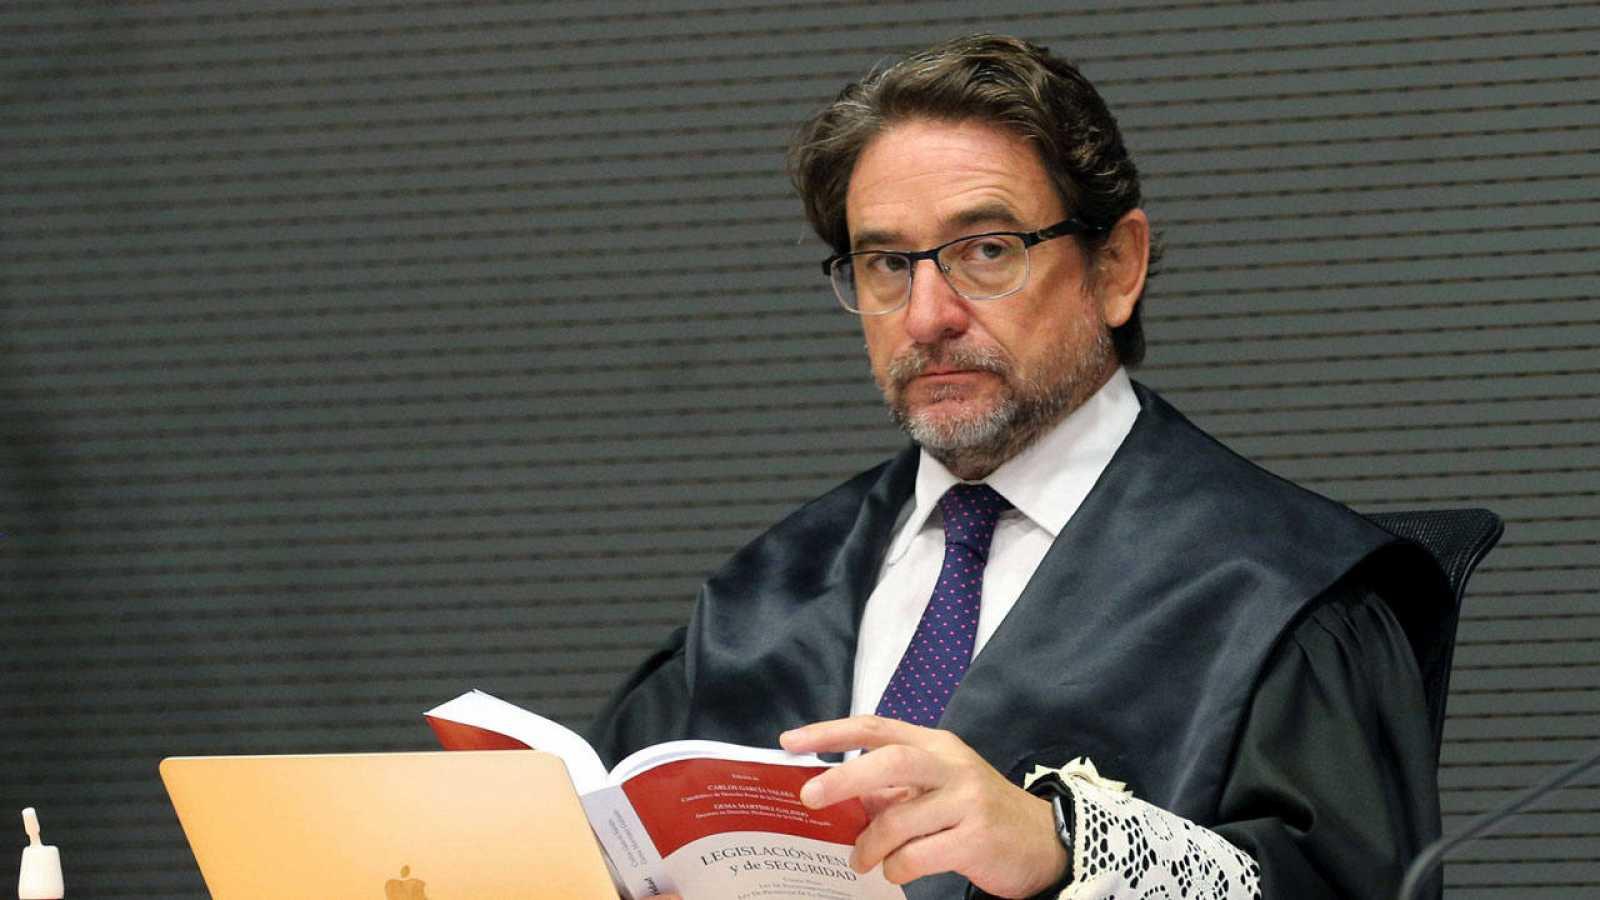 El Poder Judicial inicia la suspensión del juez Salvador Alba